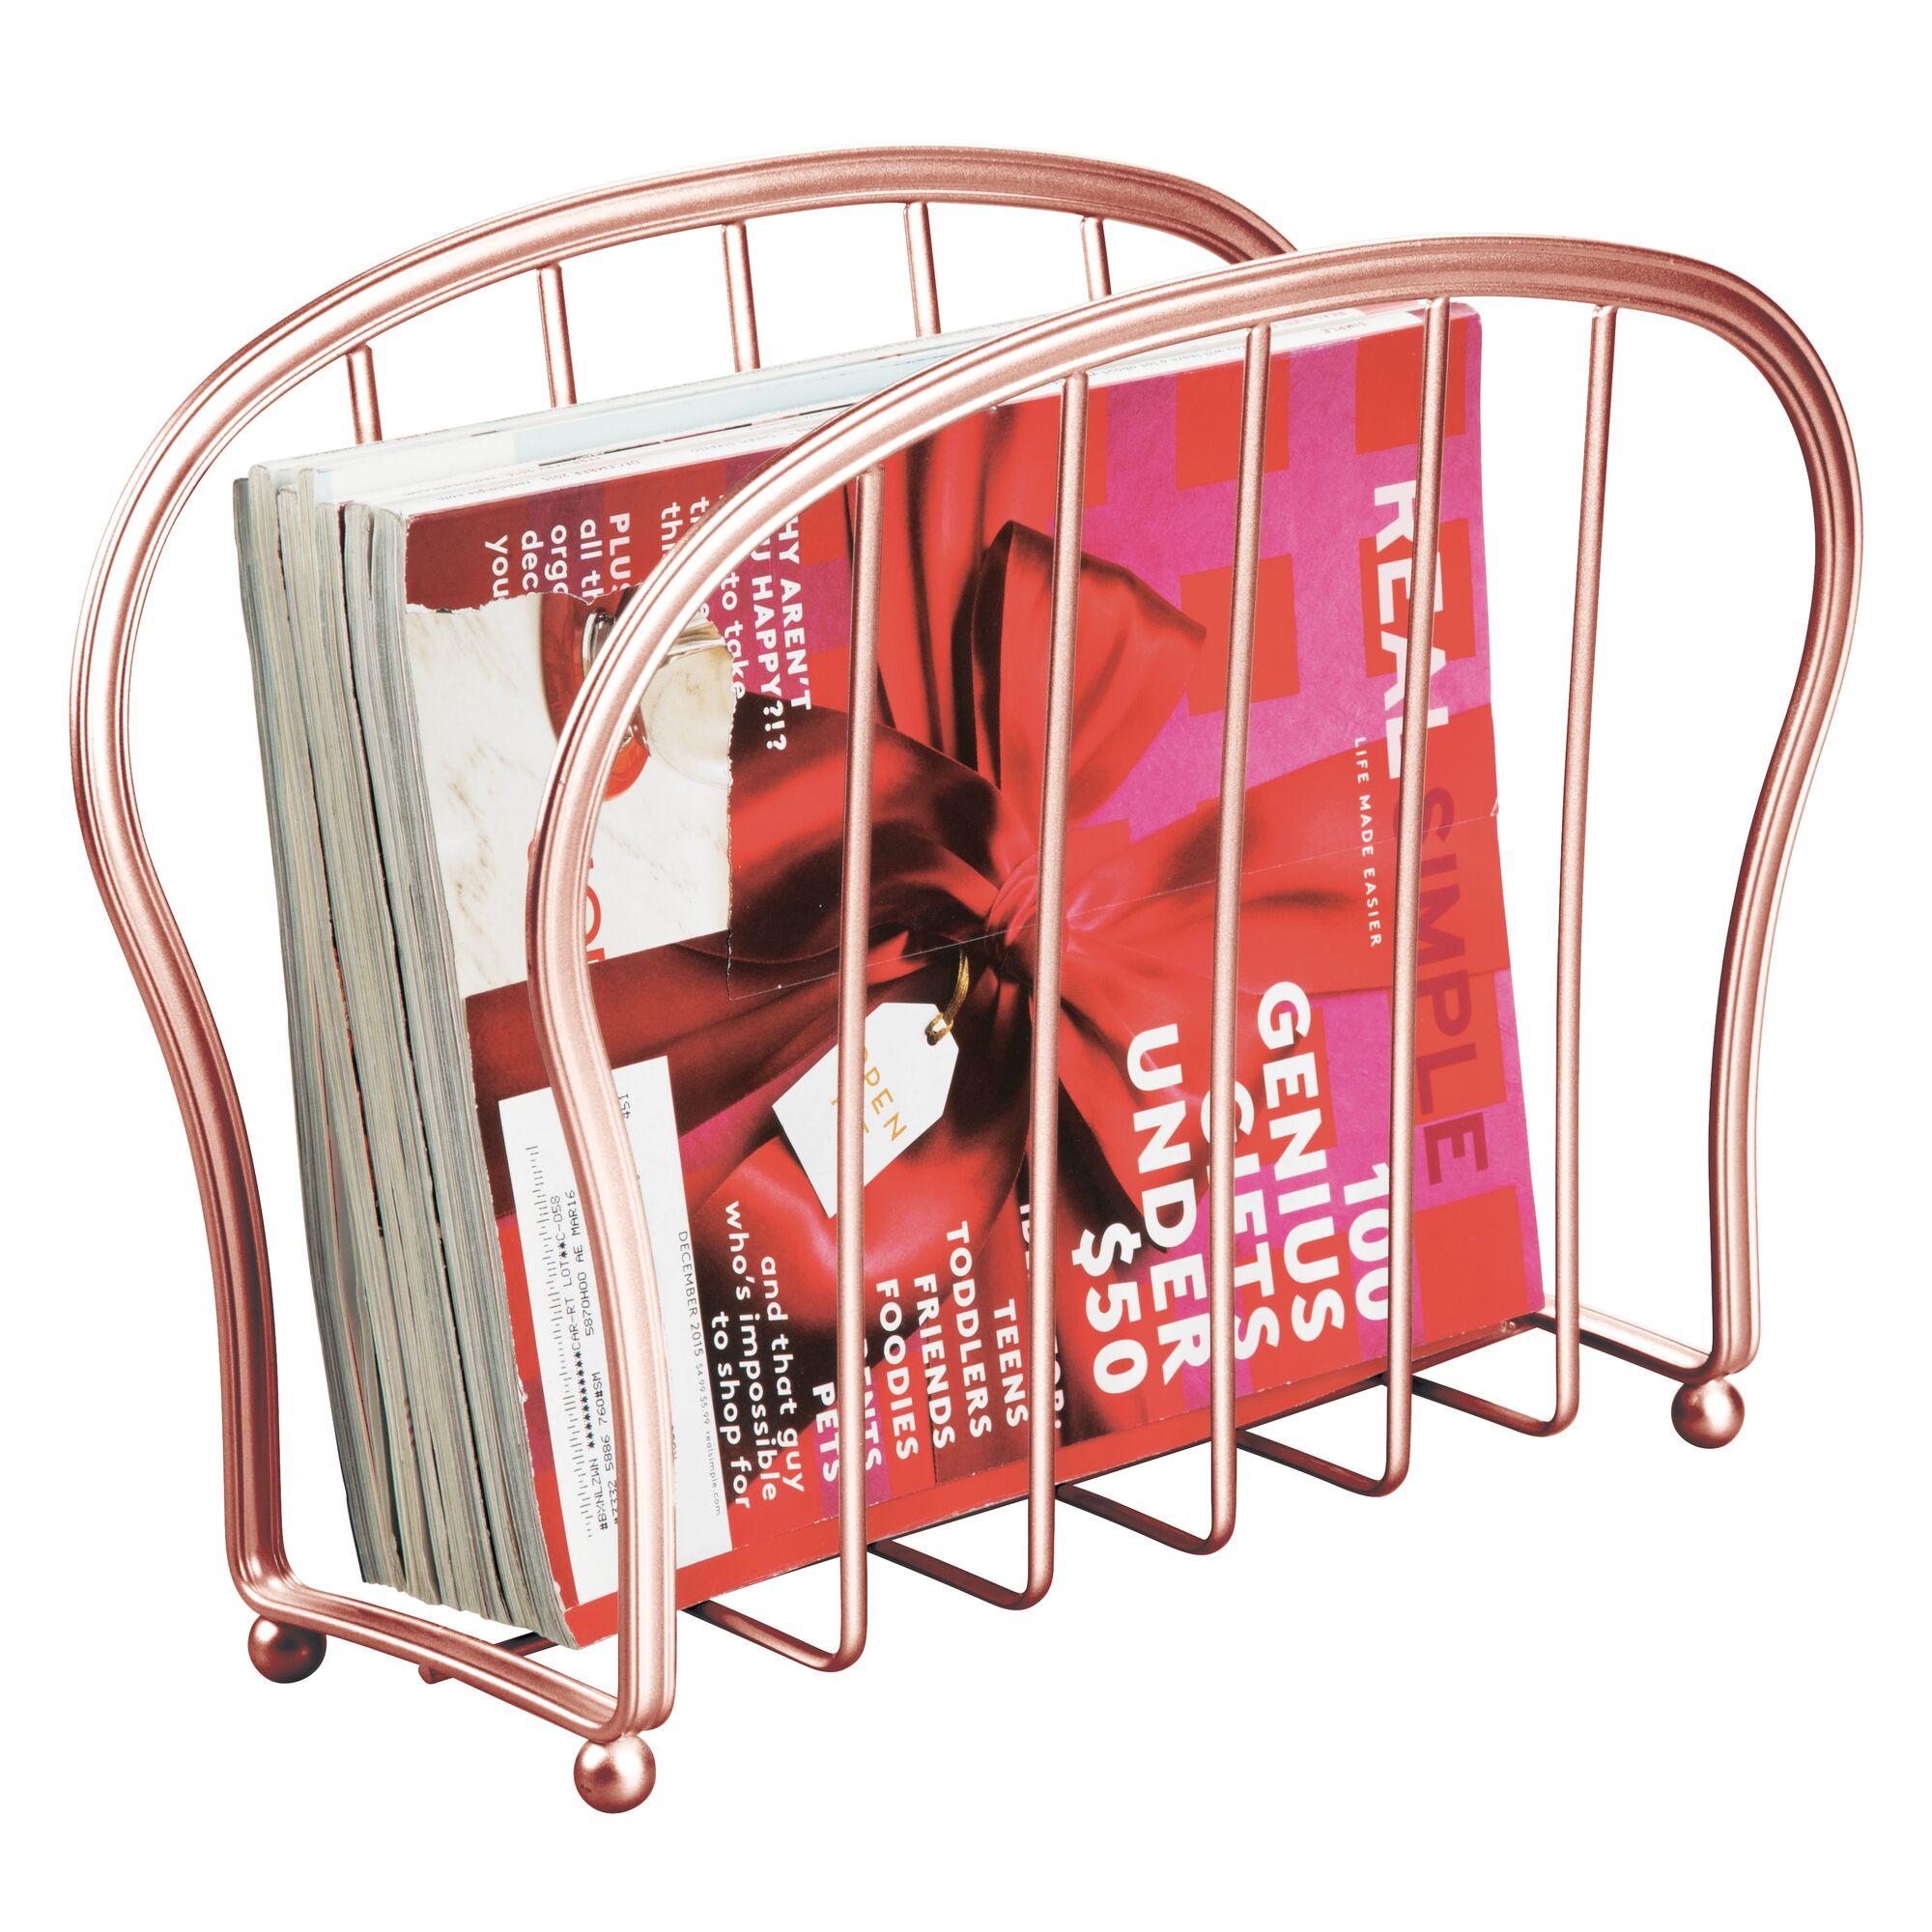 mDesign-Metal-Standing-Rack-Magazine-Holder-for-Bathroom thumbnail 53